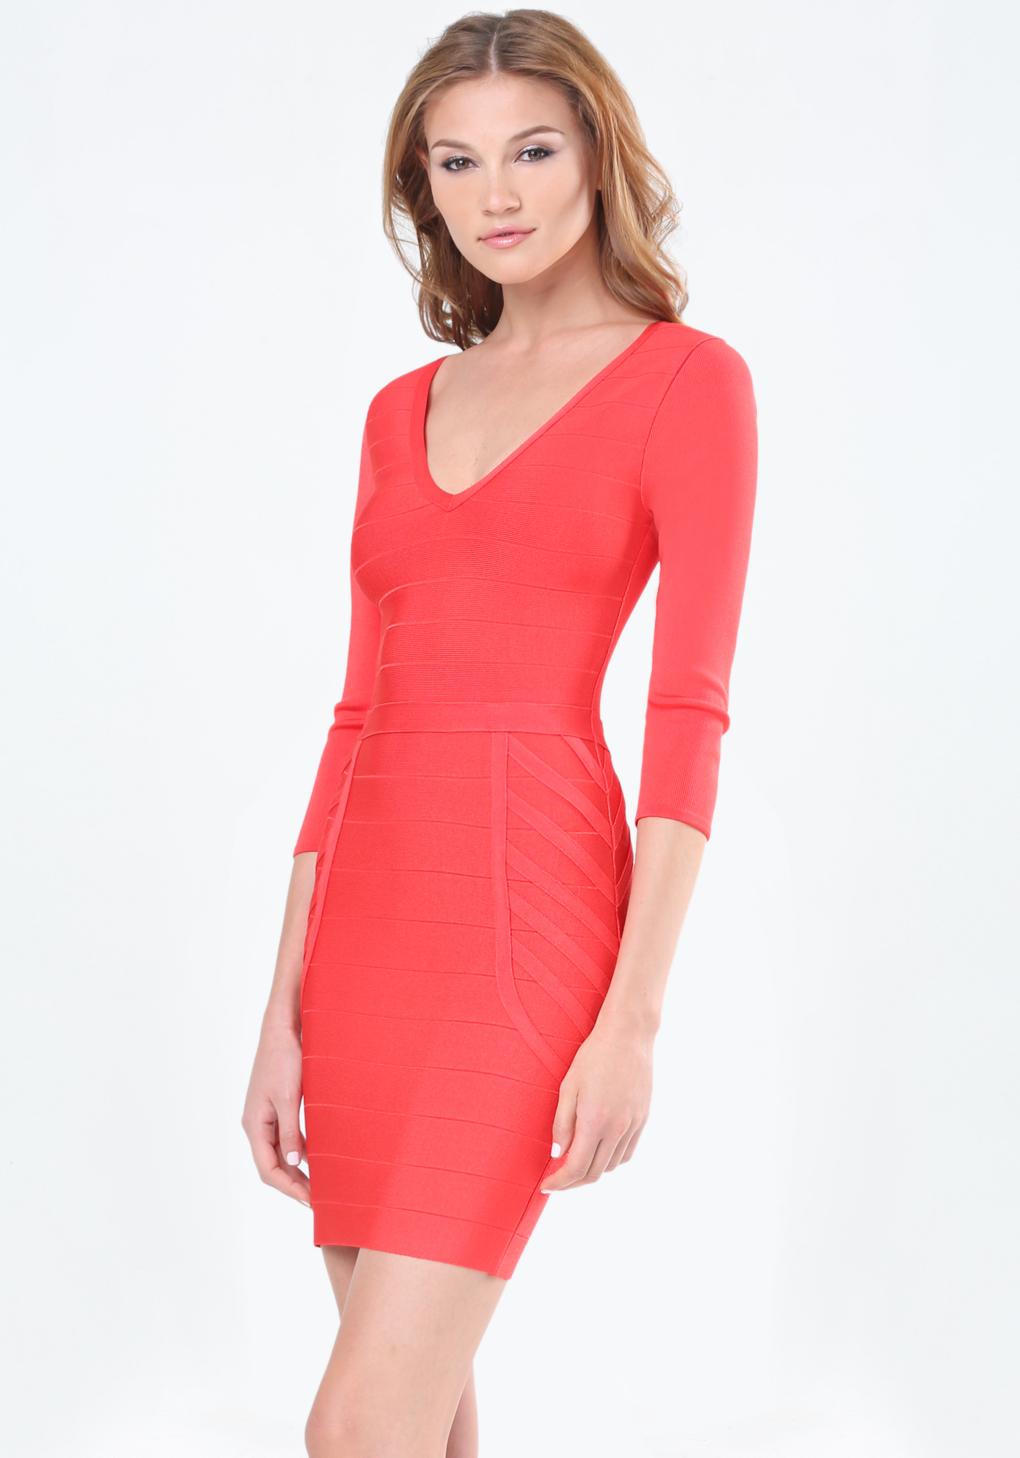 Bebe Deep V Bandage Dress in Red - Lyst